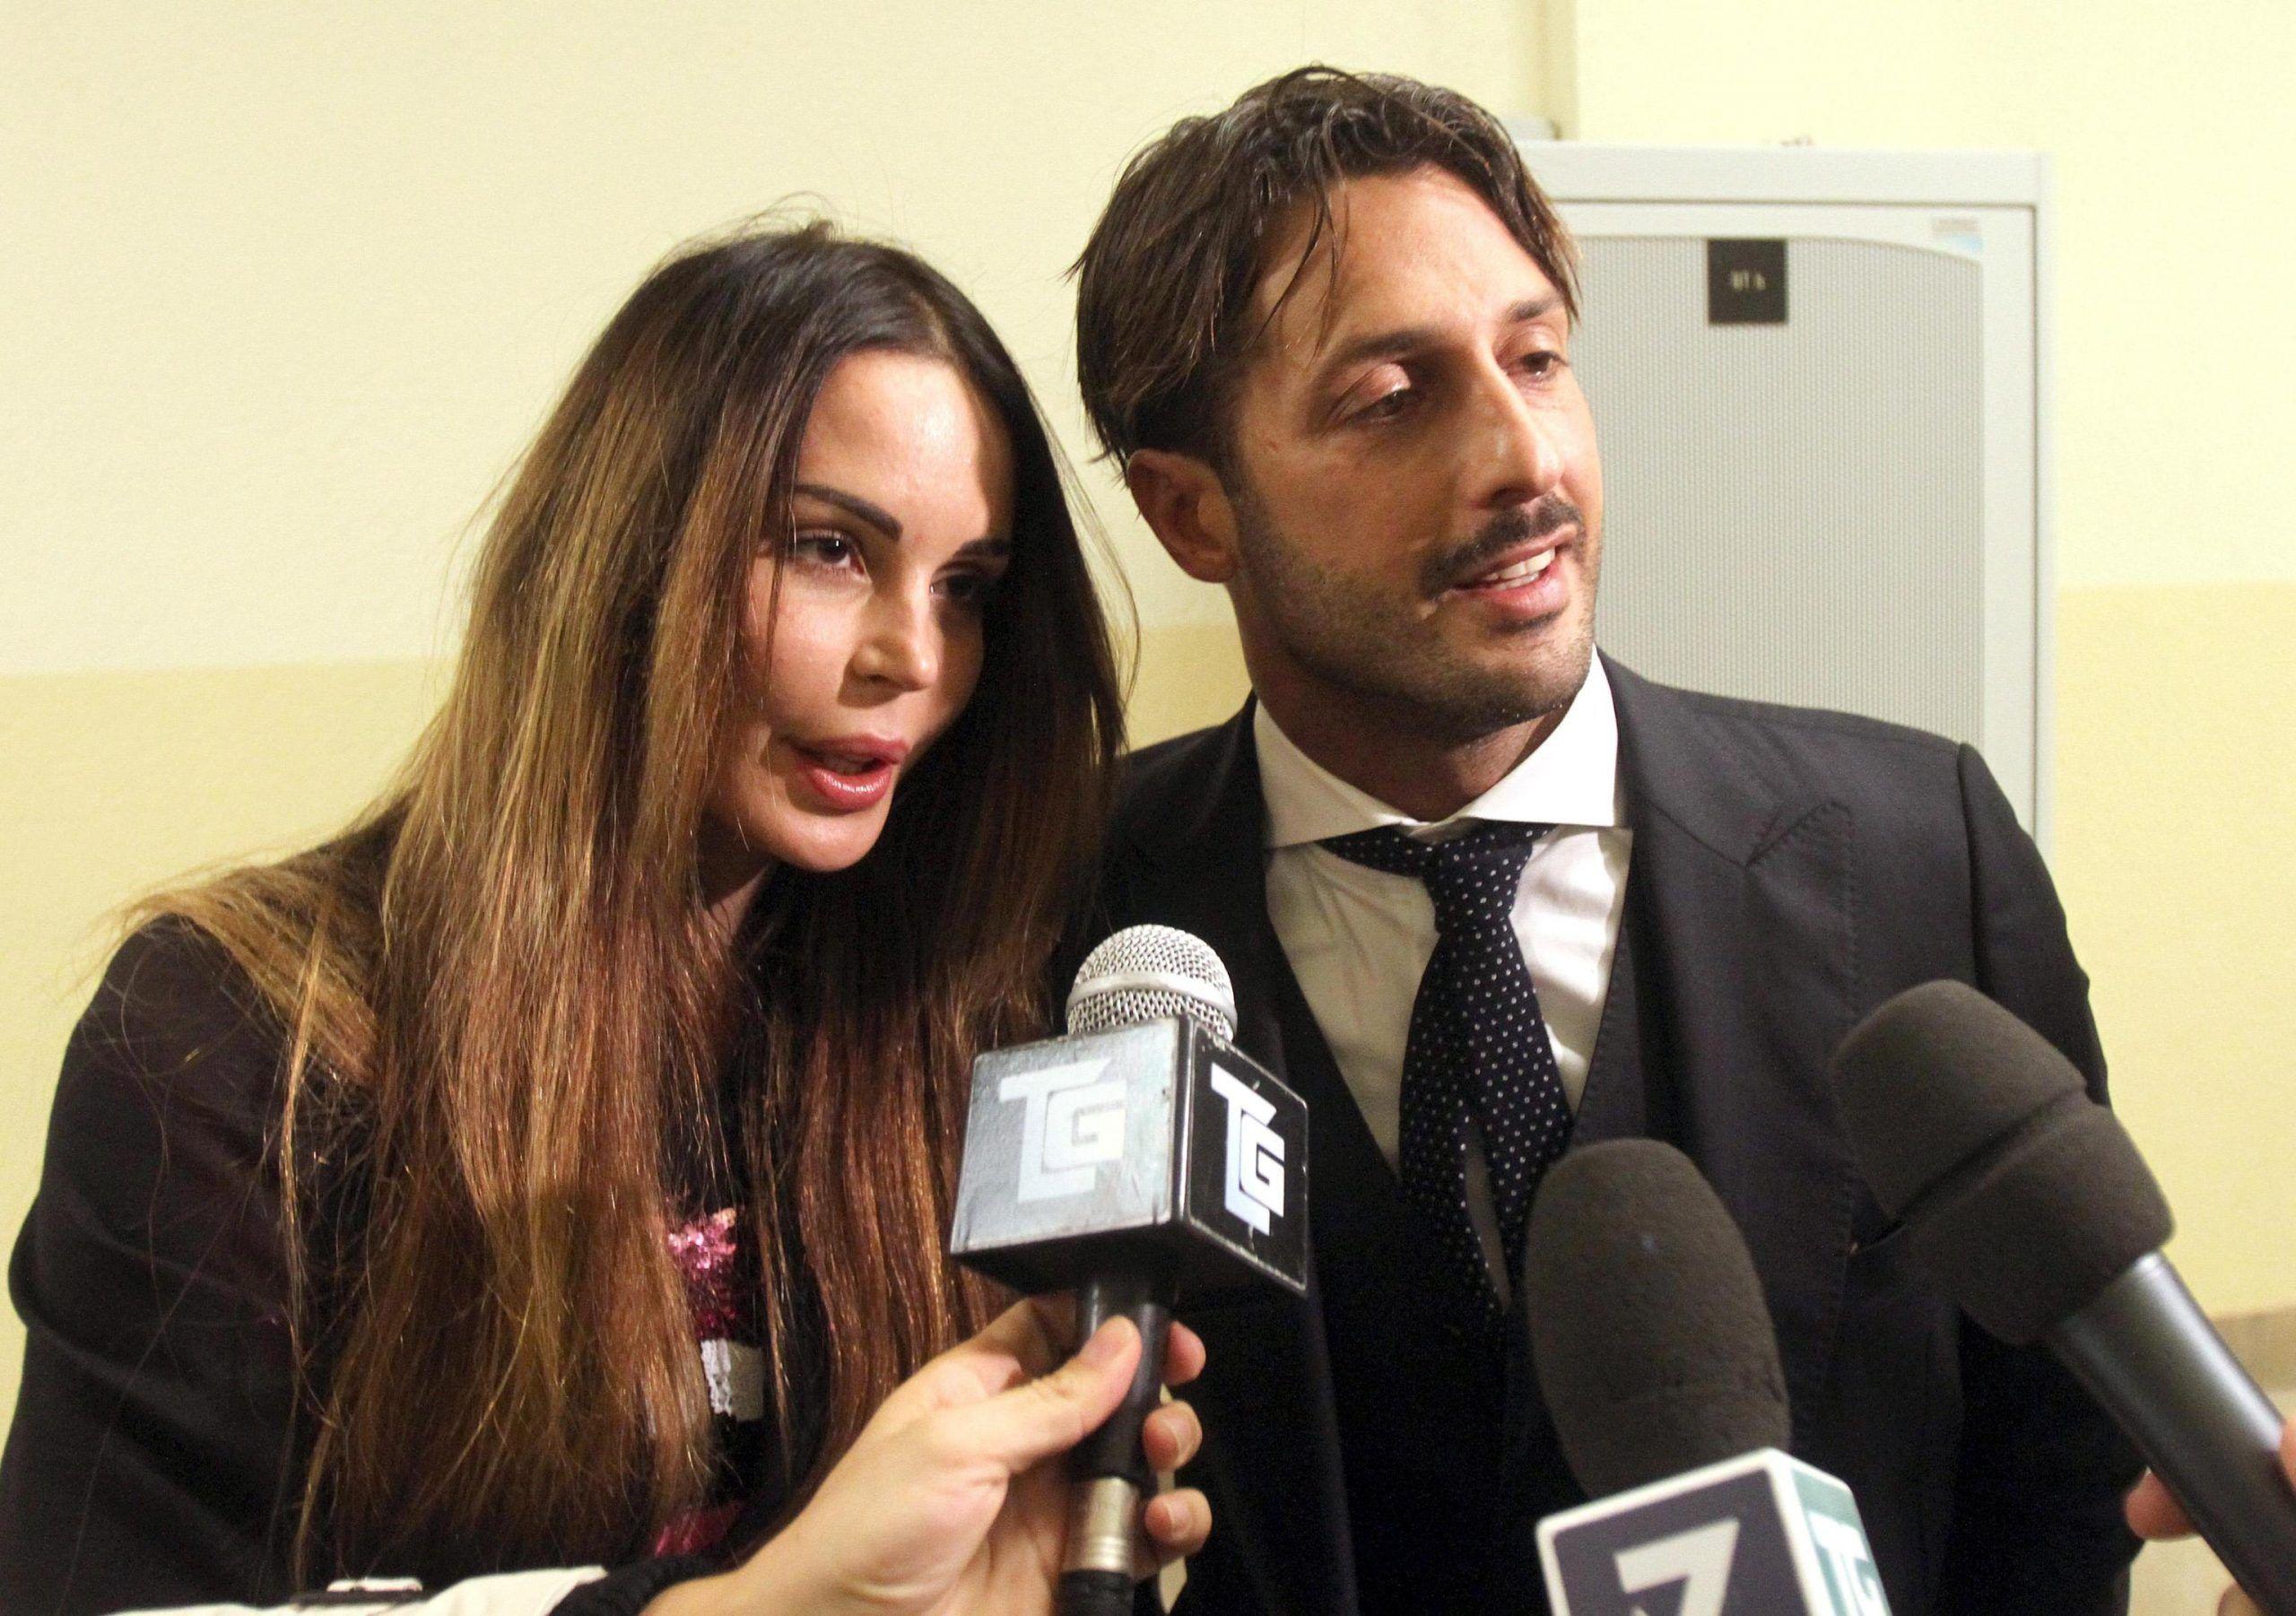 Fabrizio Corona e Nina Moric, accordo per l'affidamento del figlio: starà di più con la madre